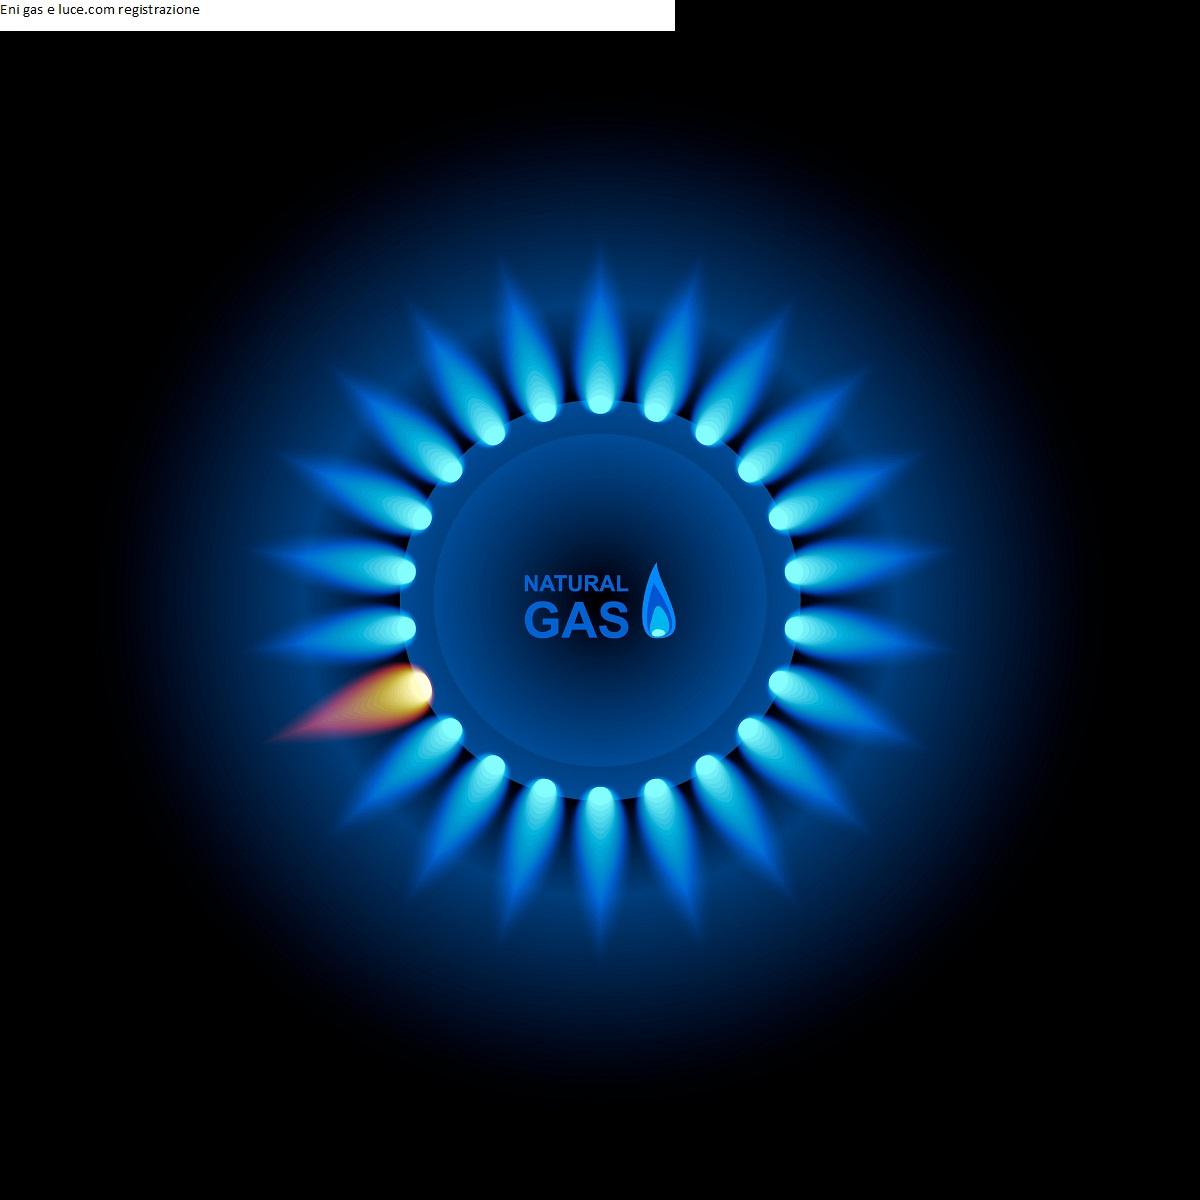 Eni gas e luce.com registrazione